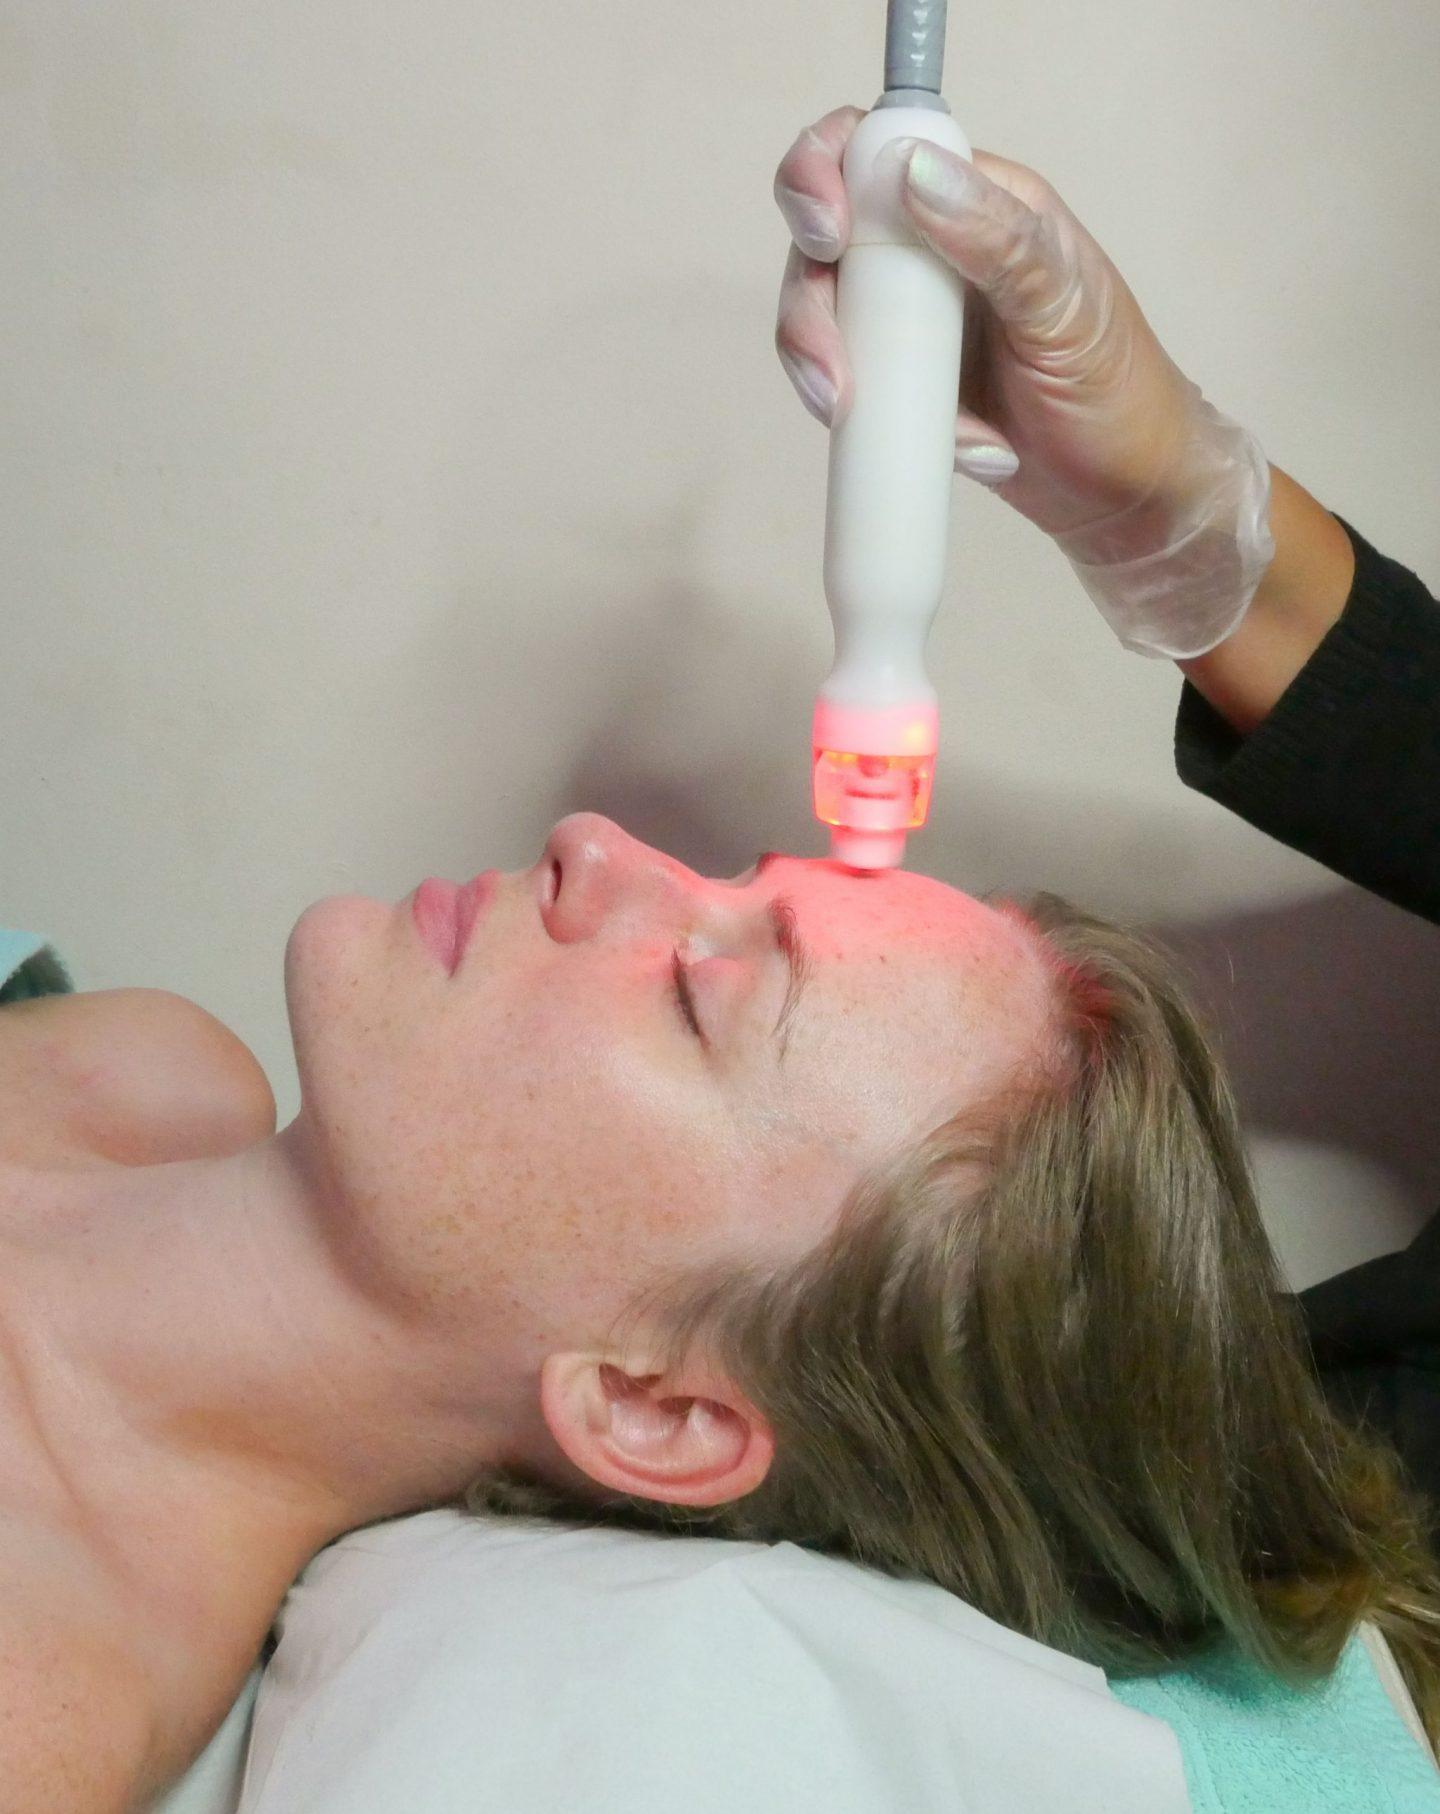 beauty treatments in London